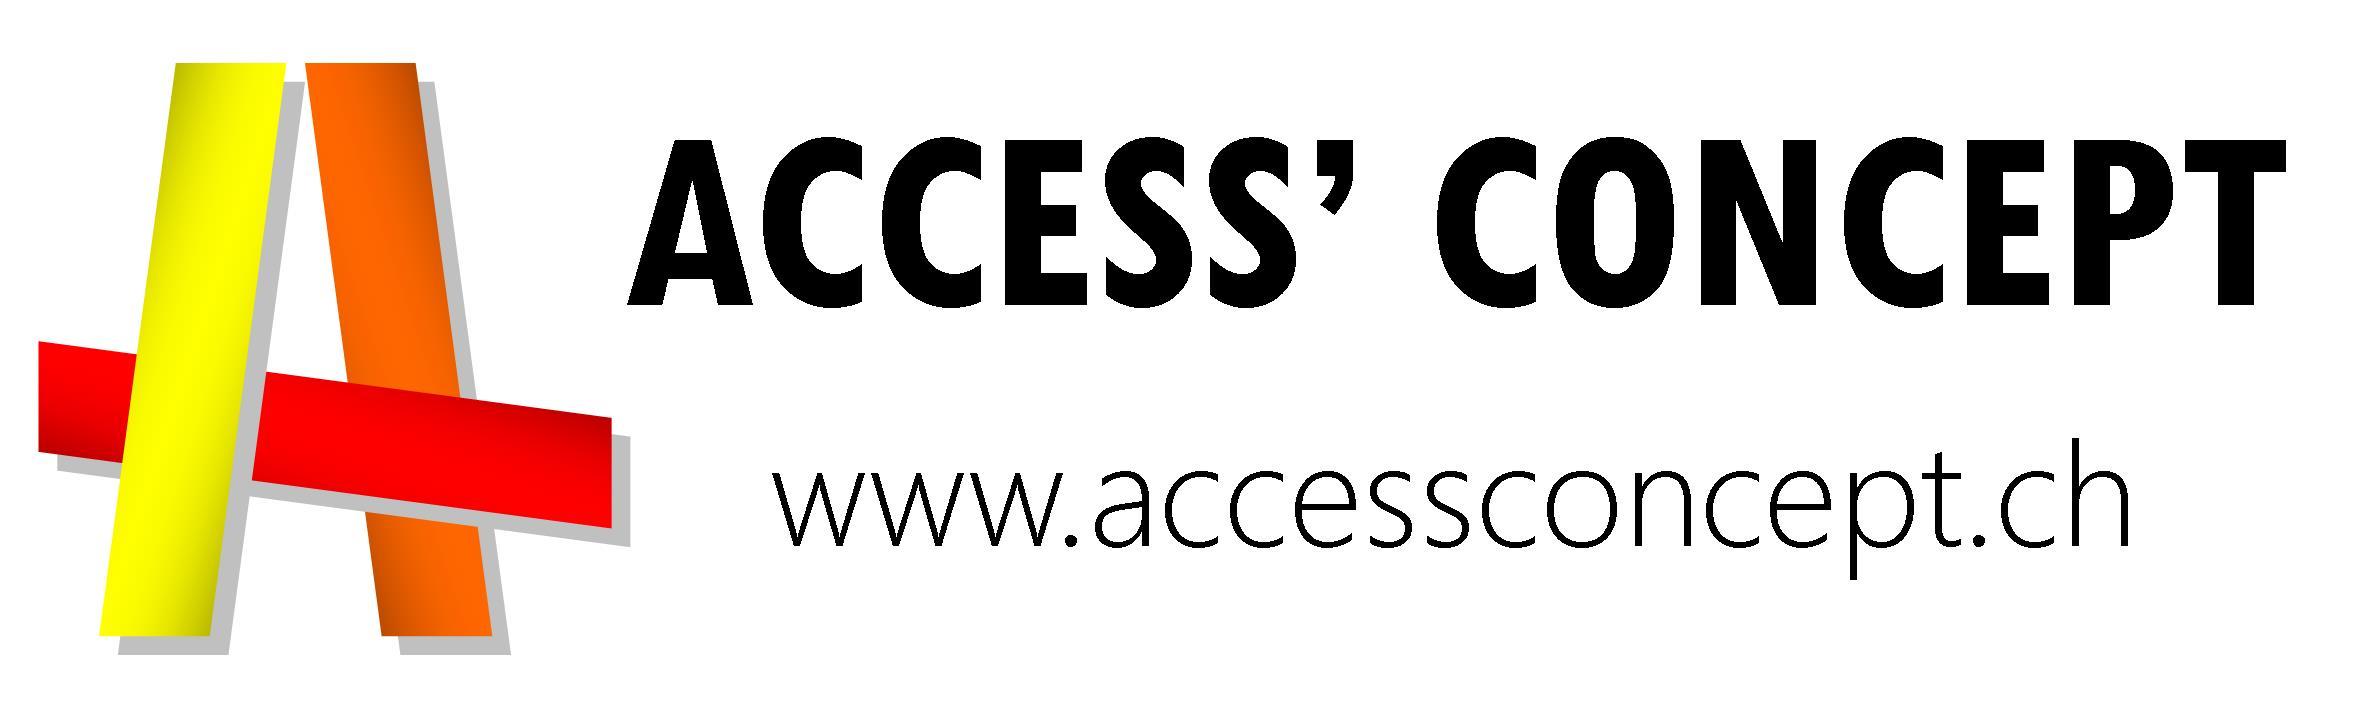 logo access concept.jpg